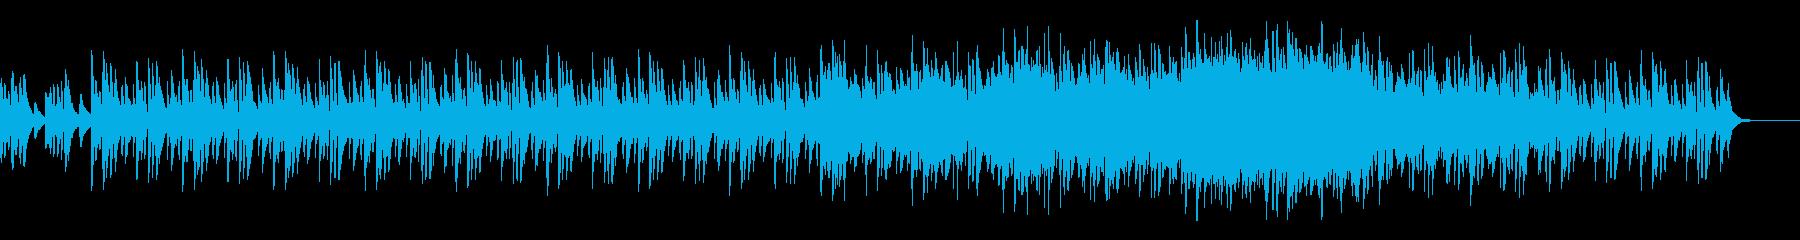 ほのぼの穏やかな雰囲気の癒し系BGMの再生済みの波形